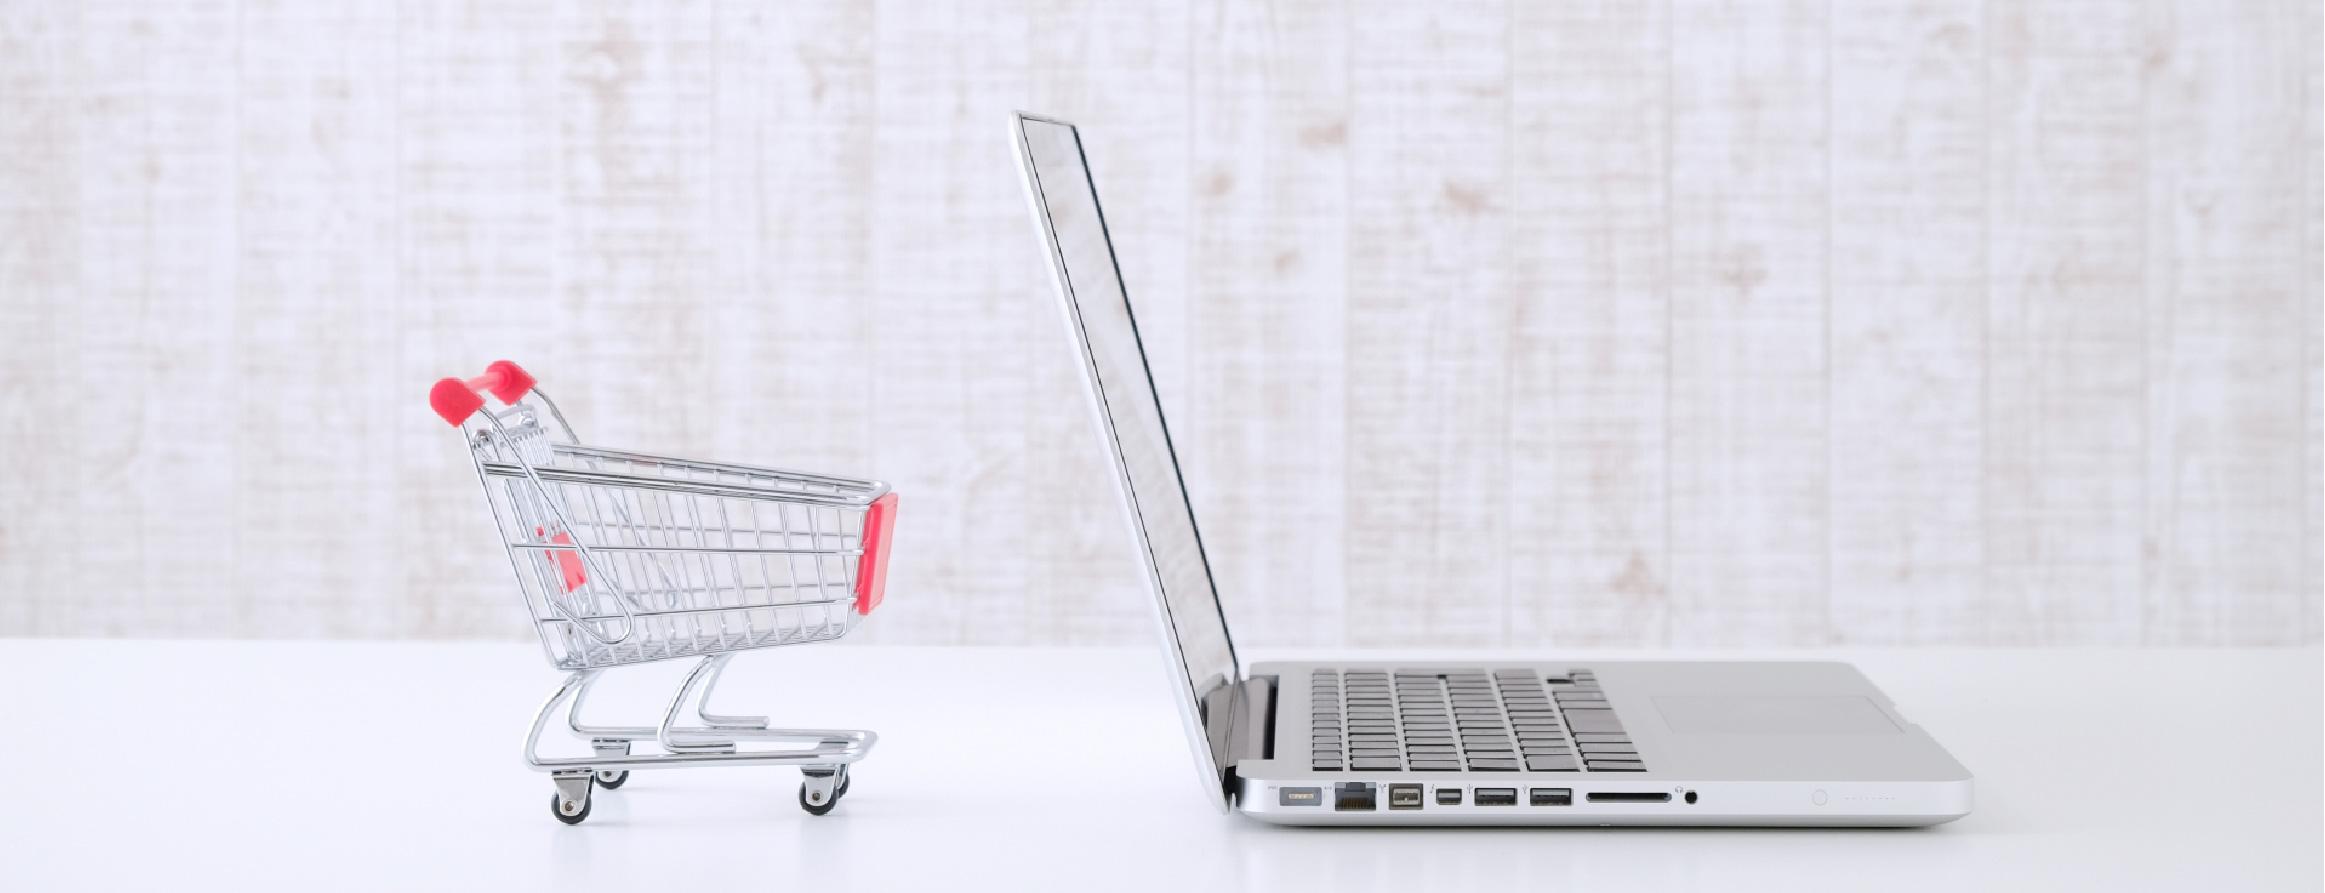 ネット通販について聞いてみました。<br/>ミセナカ・アンケート調査~ネットショッピングのあれこれ。